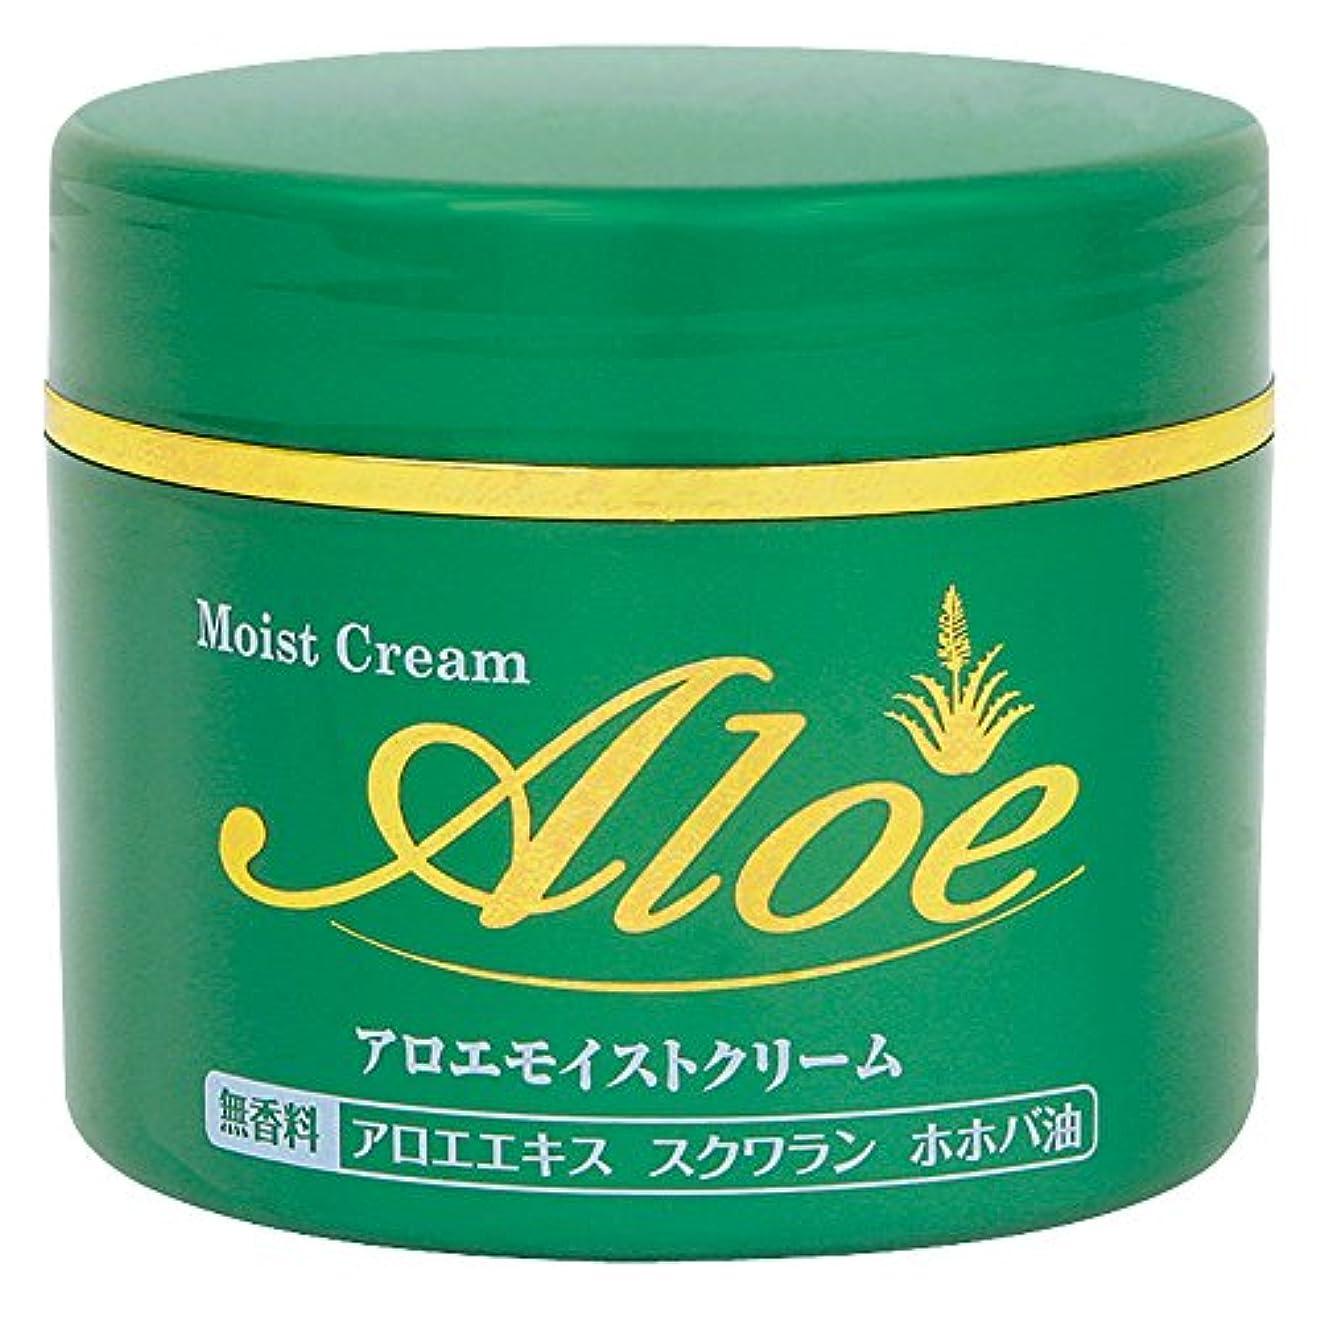 かすれた宿題ホラー井藤漢方製薬 アロエモイストクリーム 160g (アロエクリーム 化粧品)